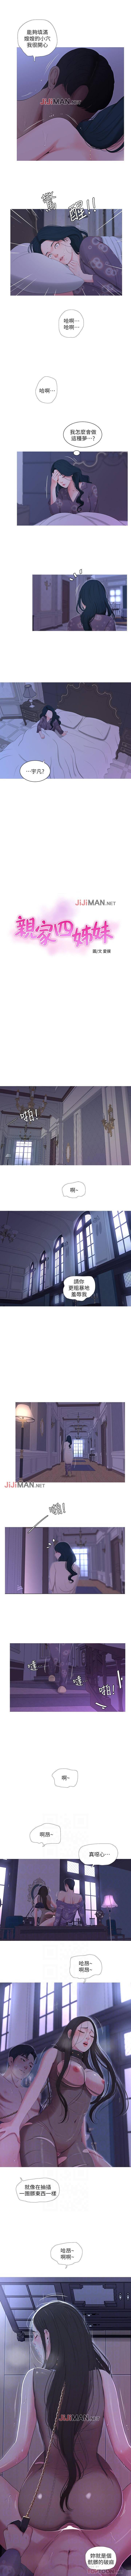 【周四连载】亲家四姐妹(作者:愛摸) 第1~37话 58